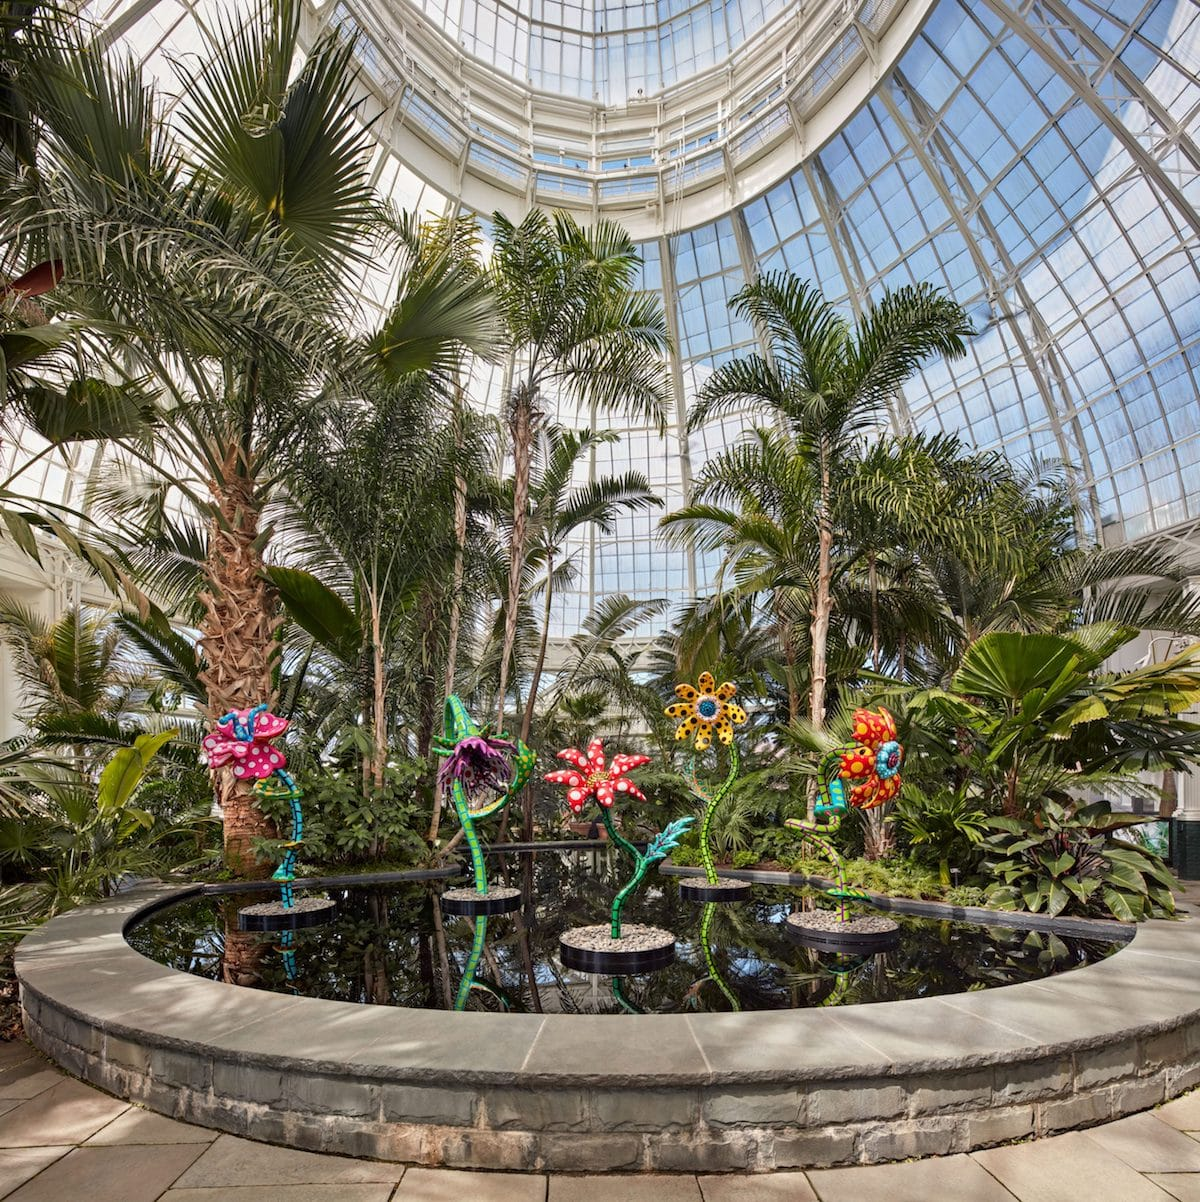 Yayoi Kusama Exhibition at the New York Botanical Gardens